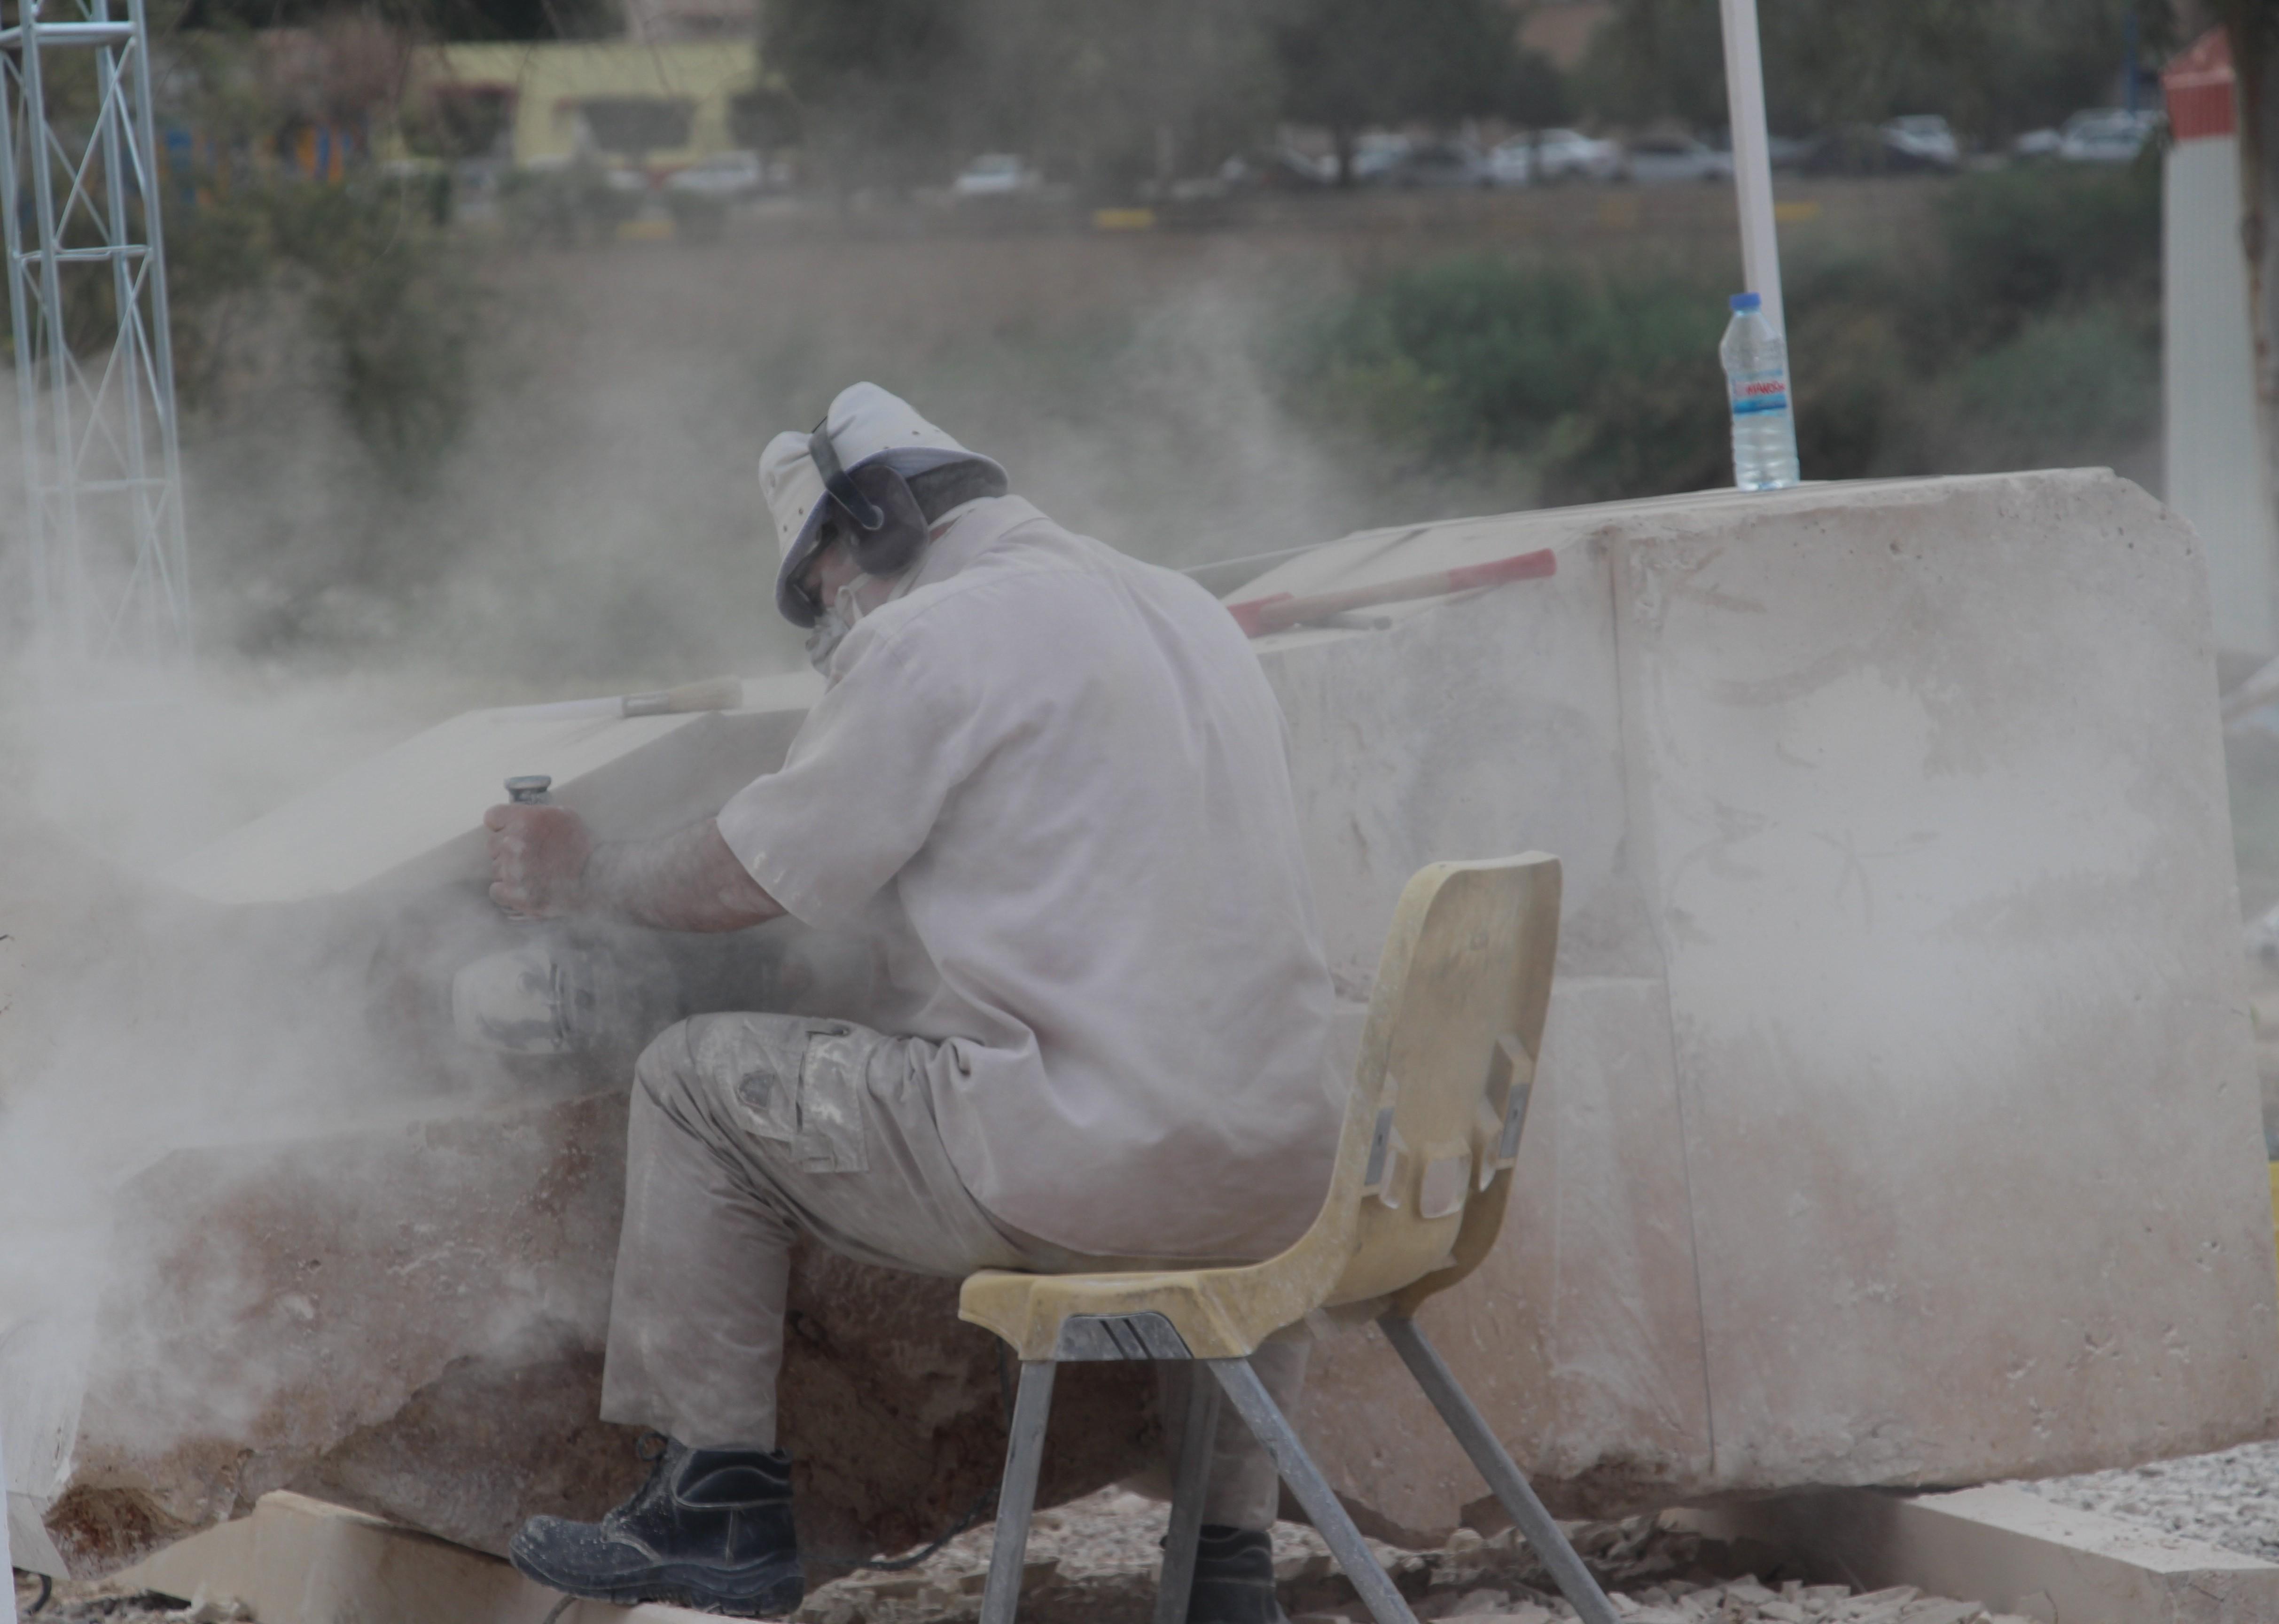 اولین سمپوزیم بین الملی مجسمه سازی در اهواز / گزارش تصویری